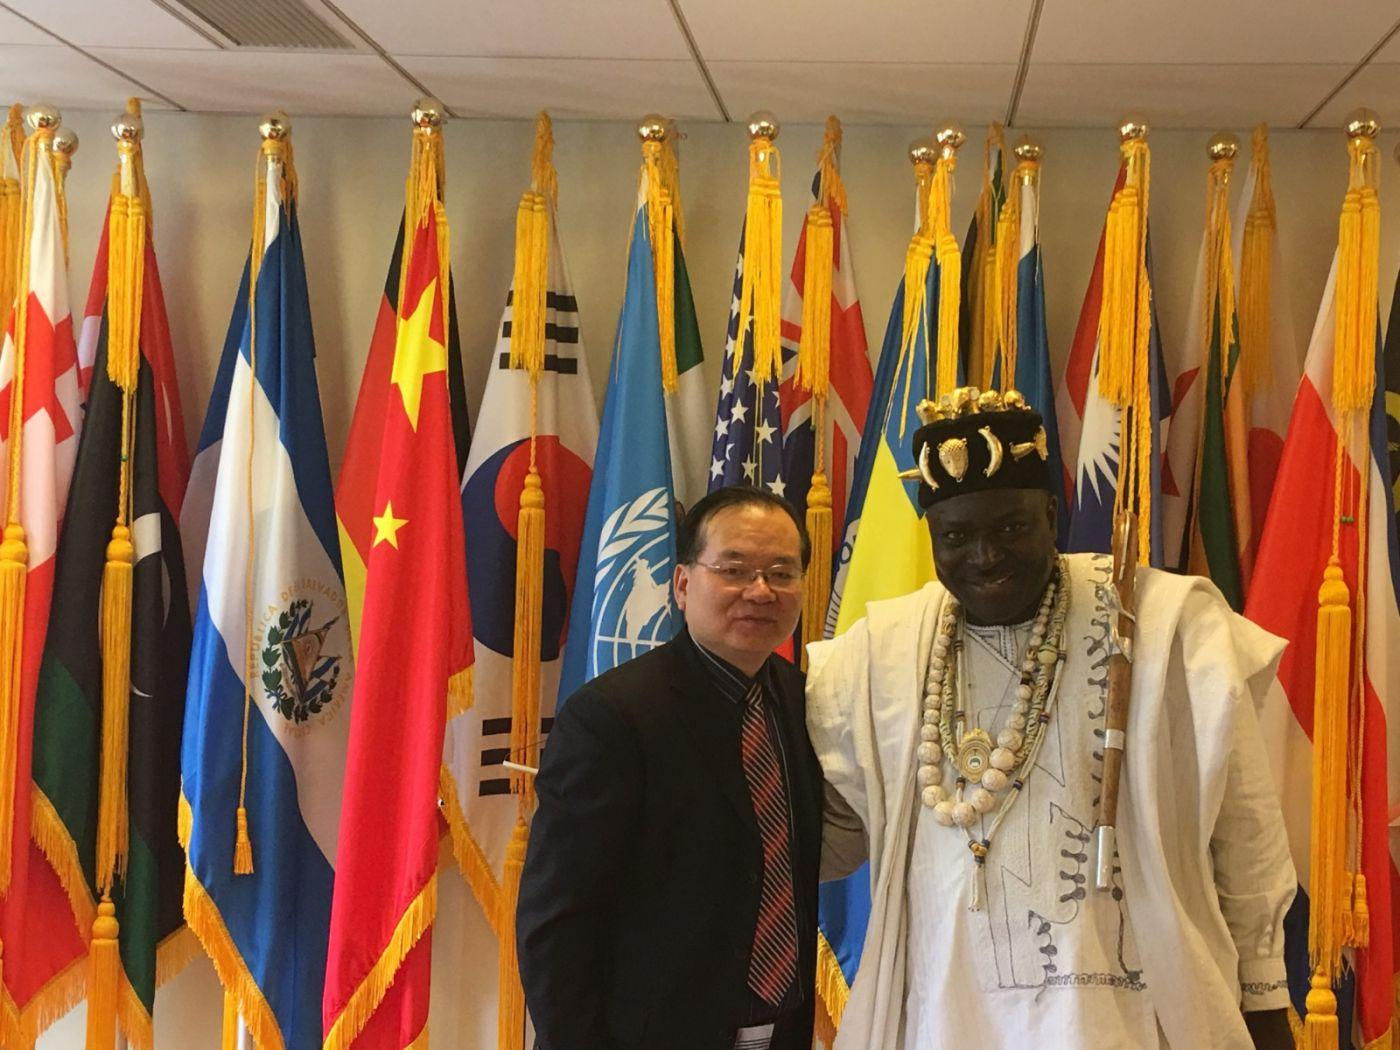 聯合國中華媽祖文化發展基金會受邀参加聯合國納尔遜.曼德拉国际日的一系列活动 ..._图1-26